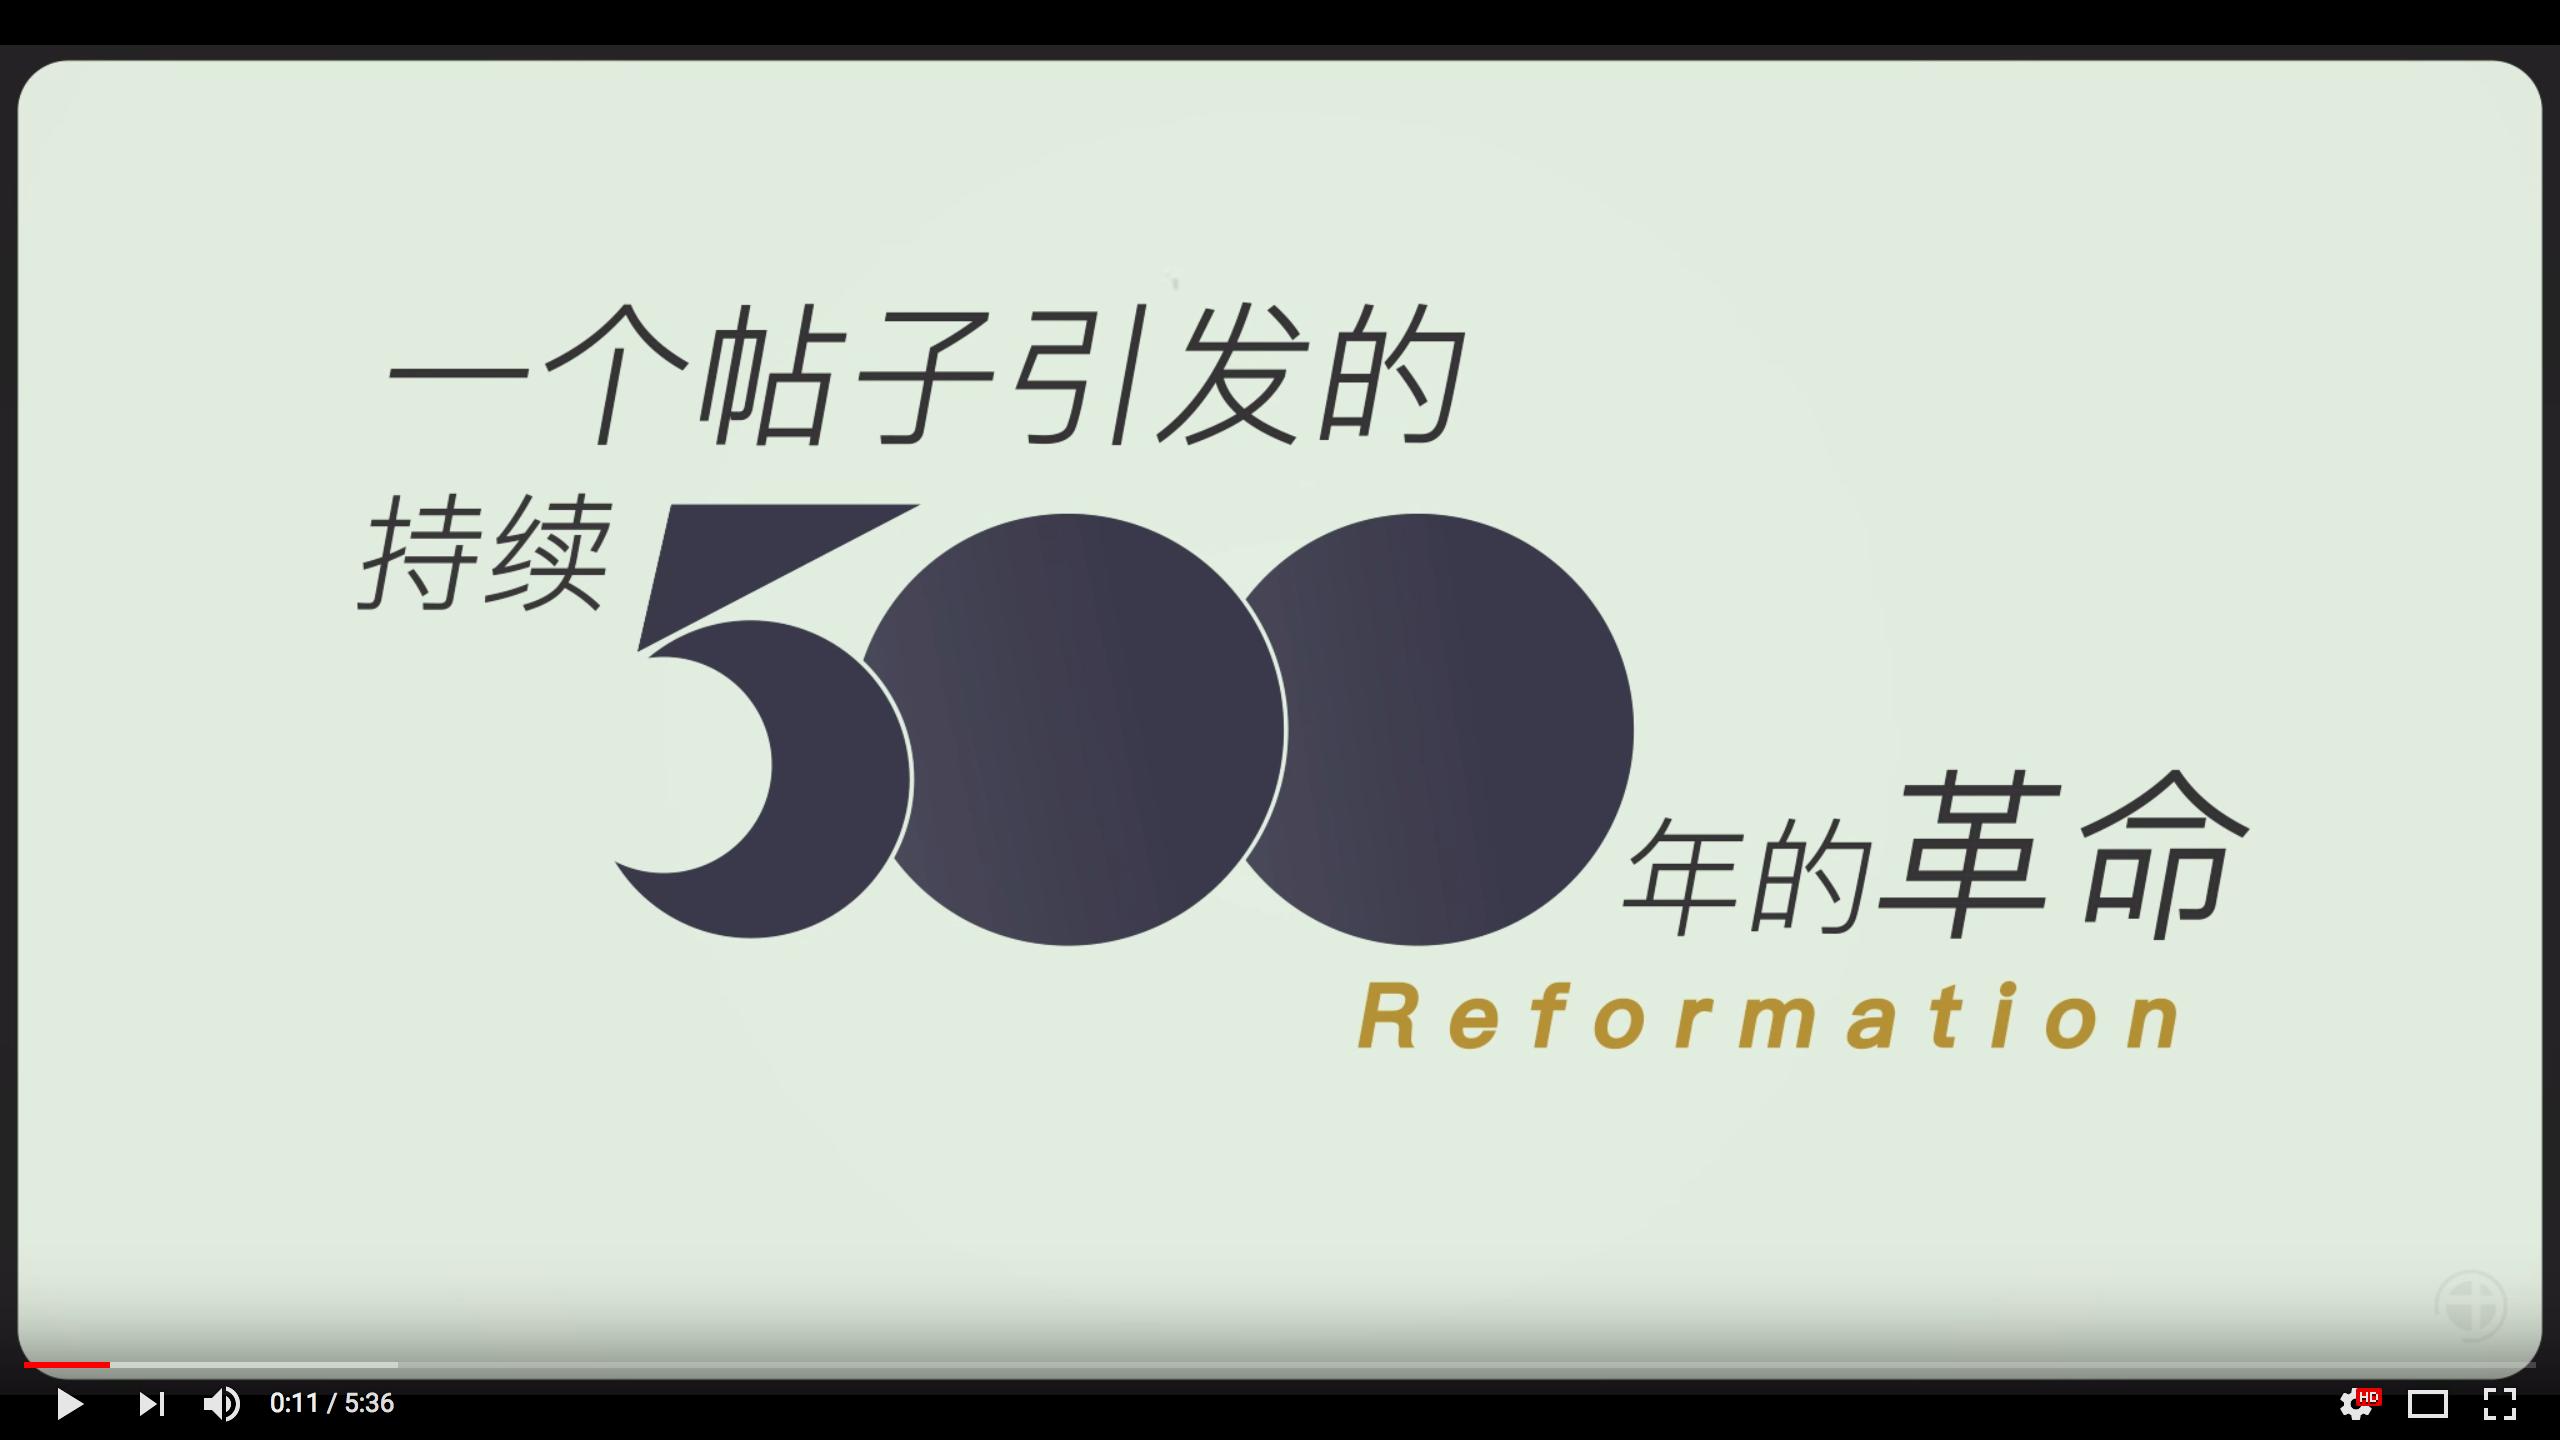 紀念宗教改革500週年